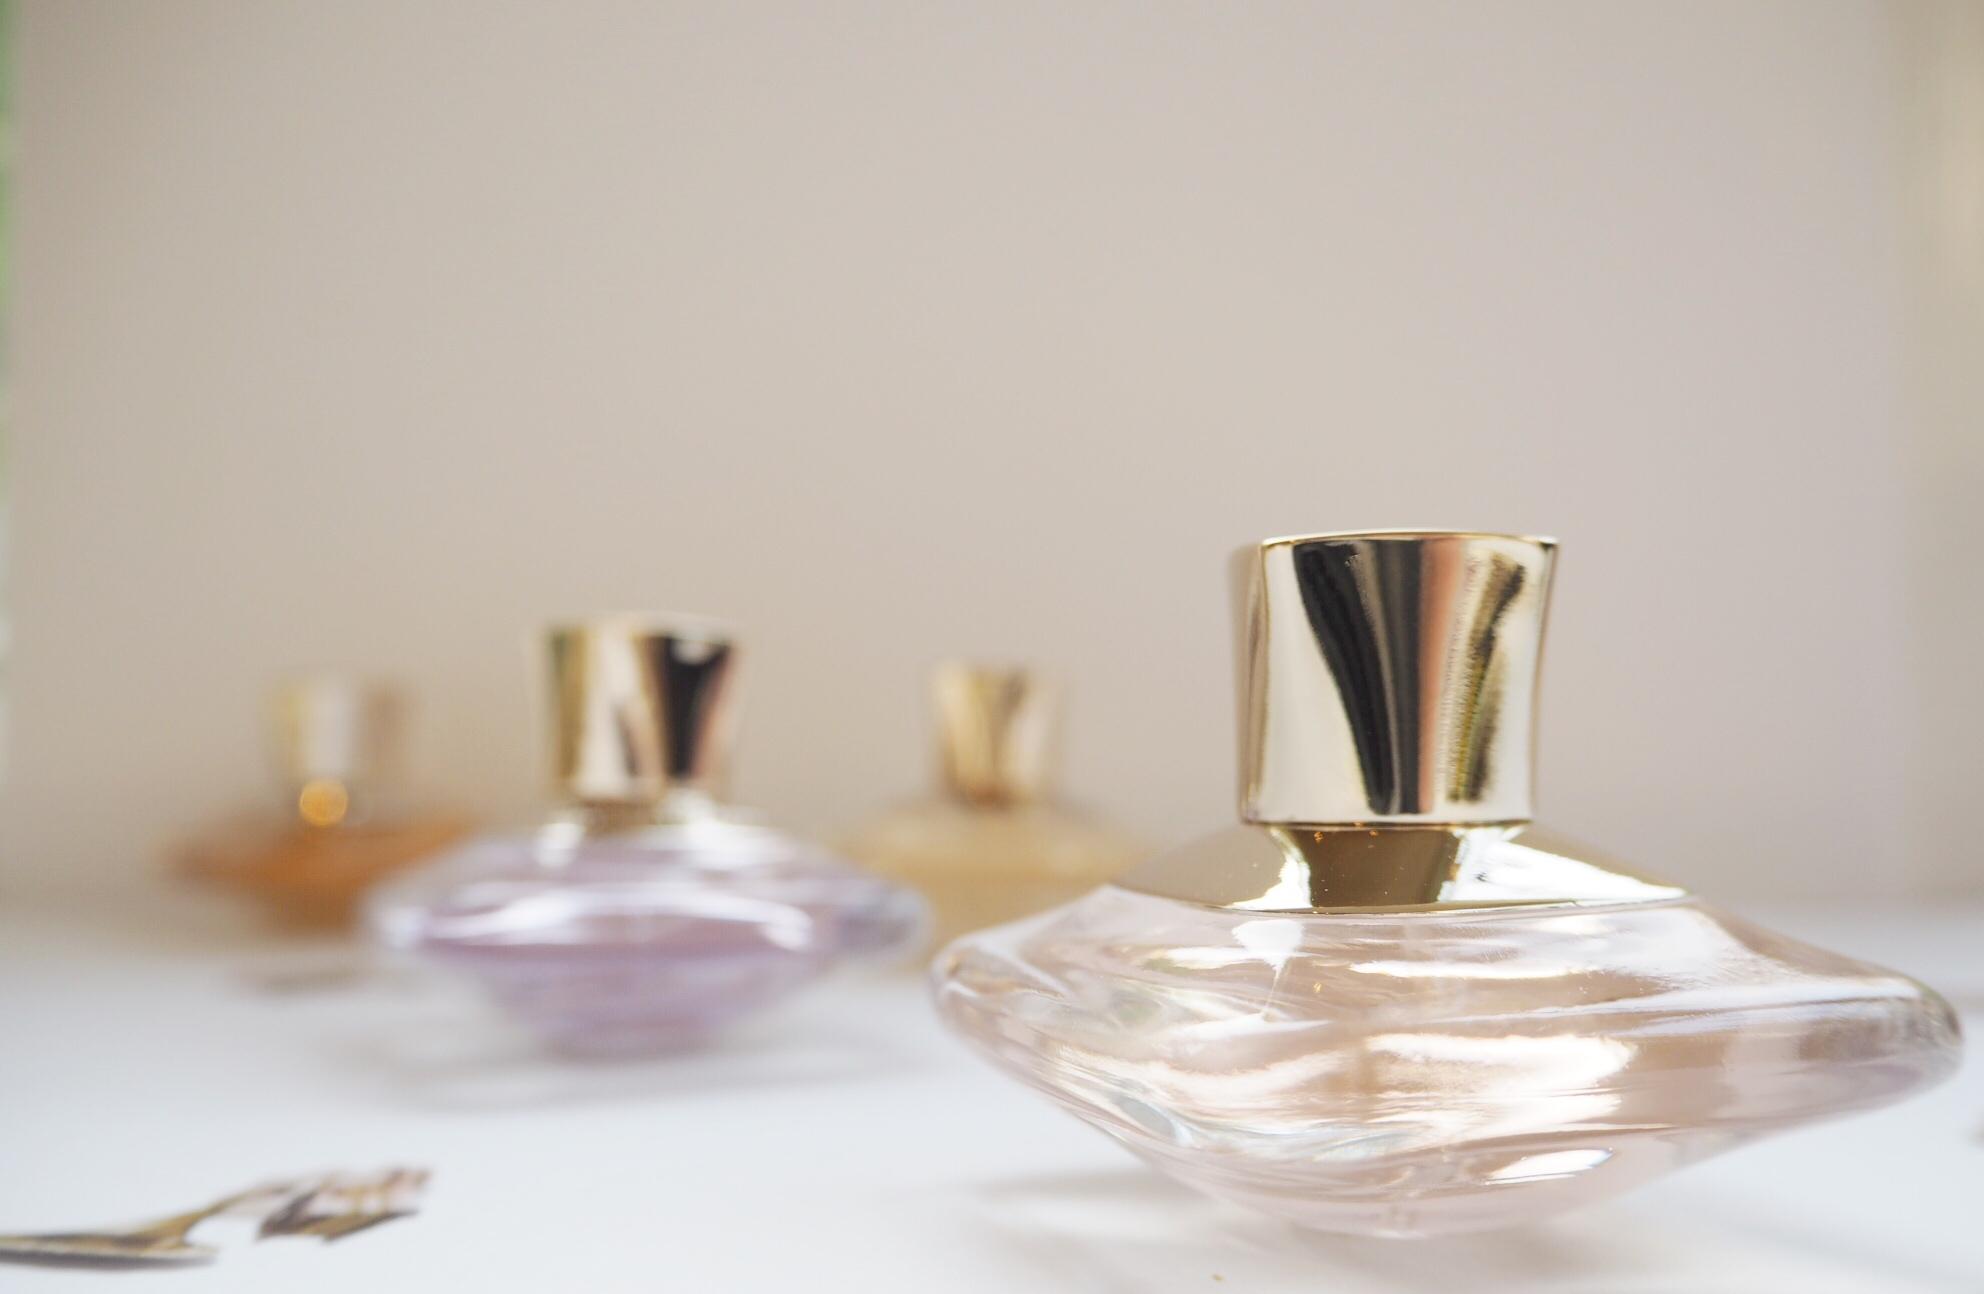 Salvatore Ferragamo Mini Fragrance Collection \/ British Beauty Blogger